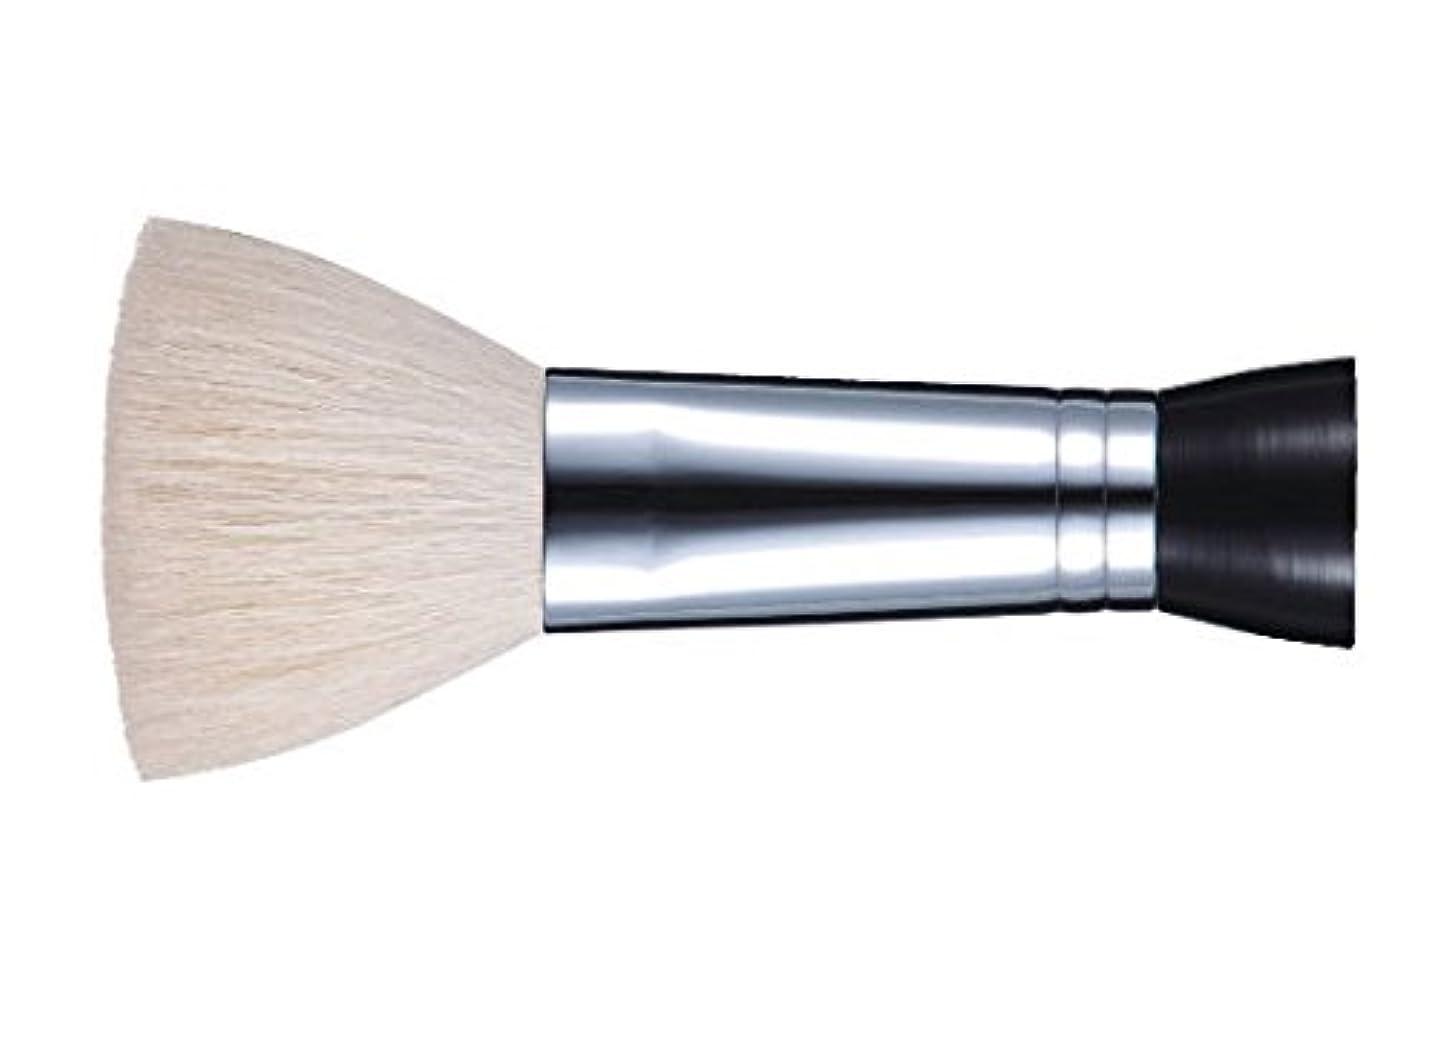 ストッキング冷淡な伝統熊野筆 丹精堂 洗顔ブラシ XGQ-01